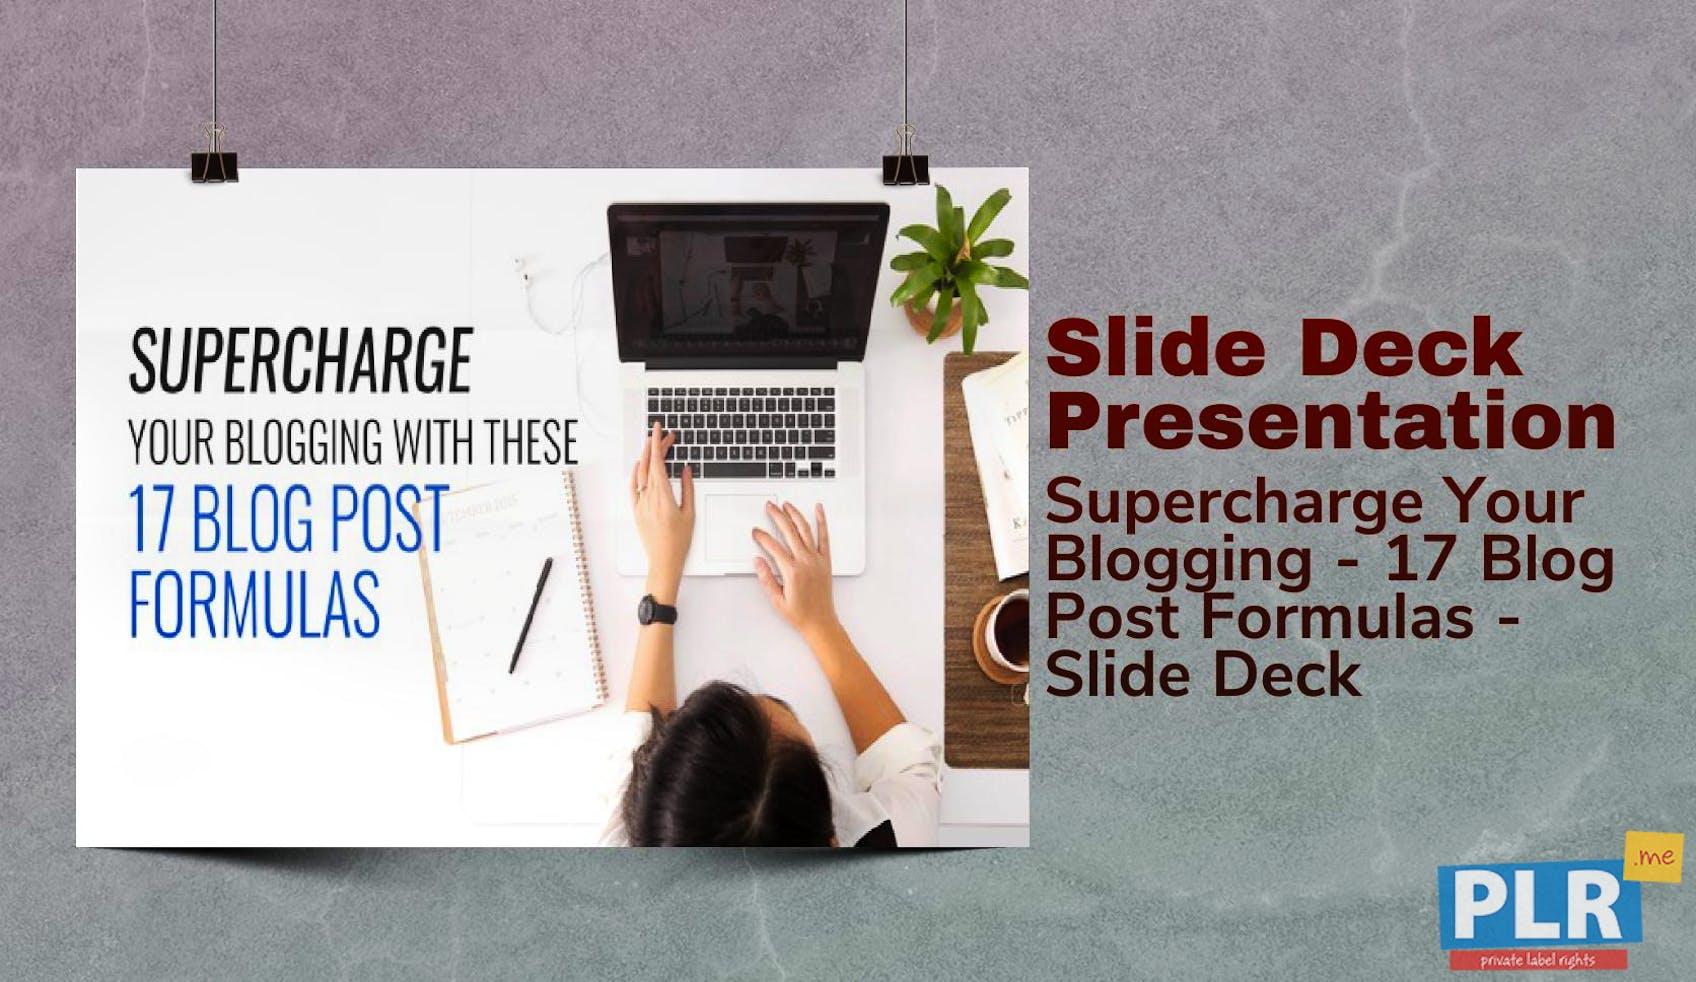 Supercharge Your Blogging - 17 Blog Post Formulas - Slide Deck